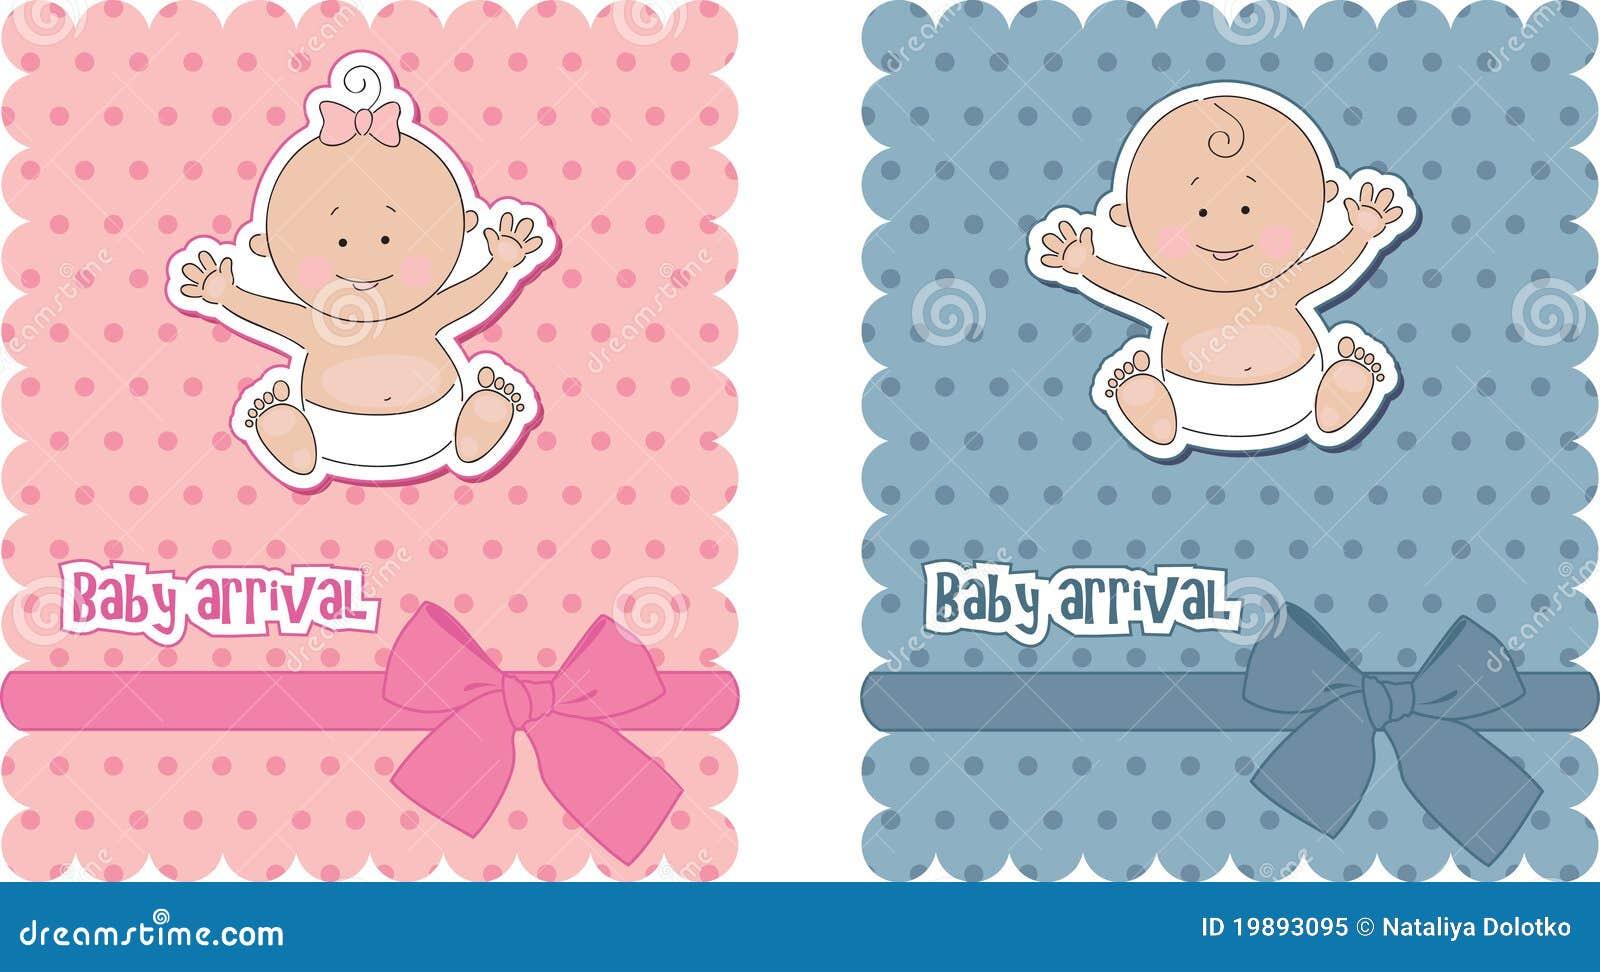 Tarjetas De Llegada Del Bebé Foto de archivo libre de regalías ...